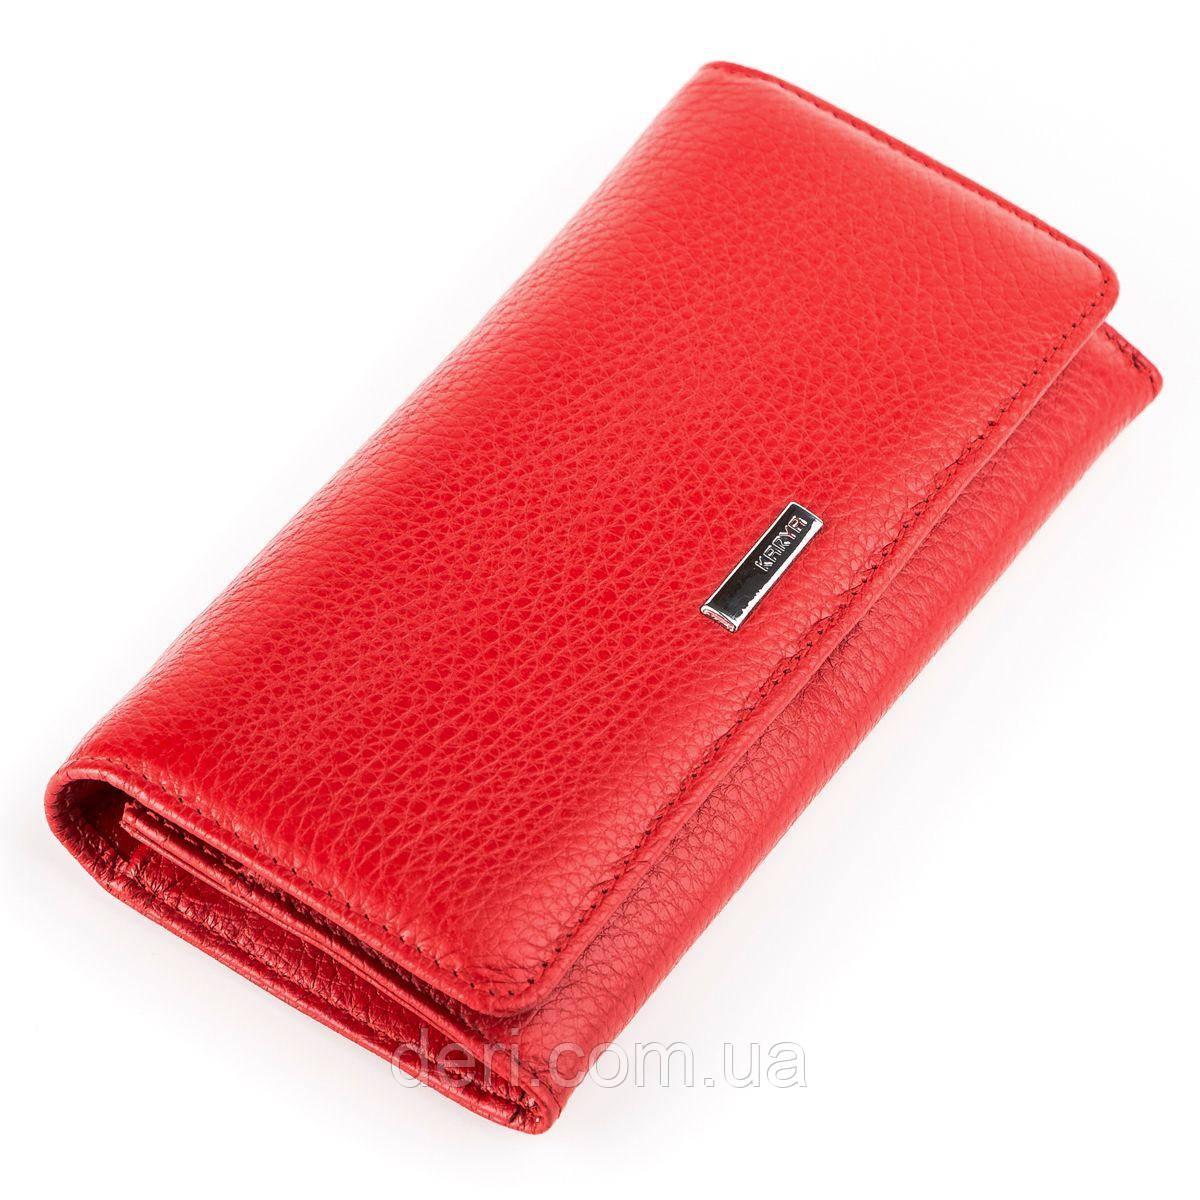 Кошелек женский KARYA 17002 кожаный Красный, Красный